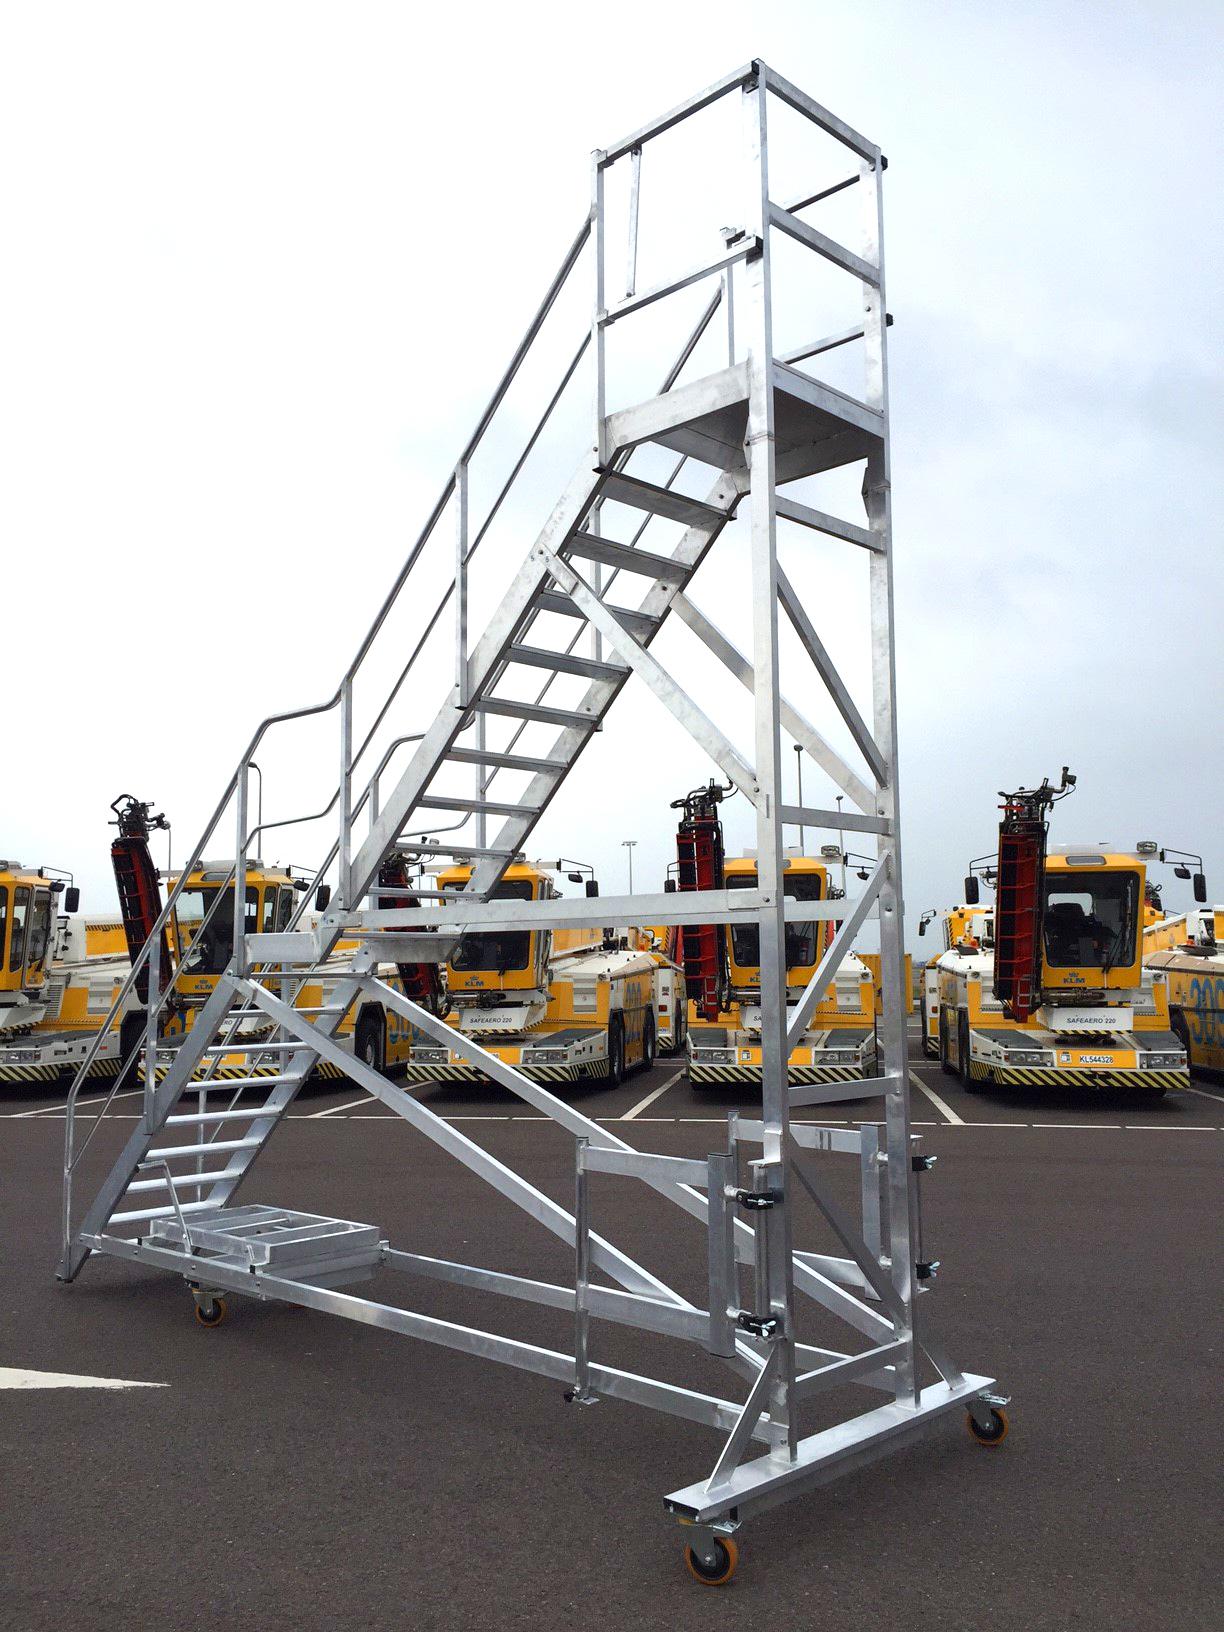 Vliegtuigtrap met twee niveaus en stabilisatoren